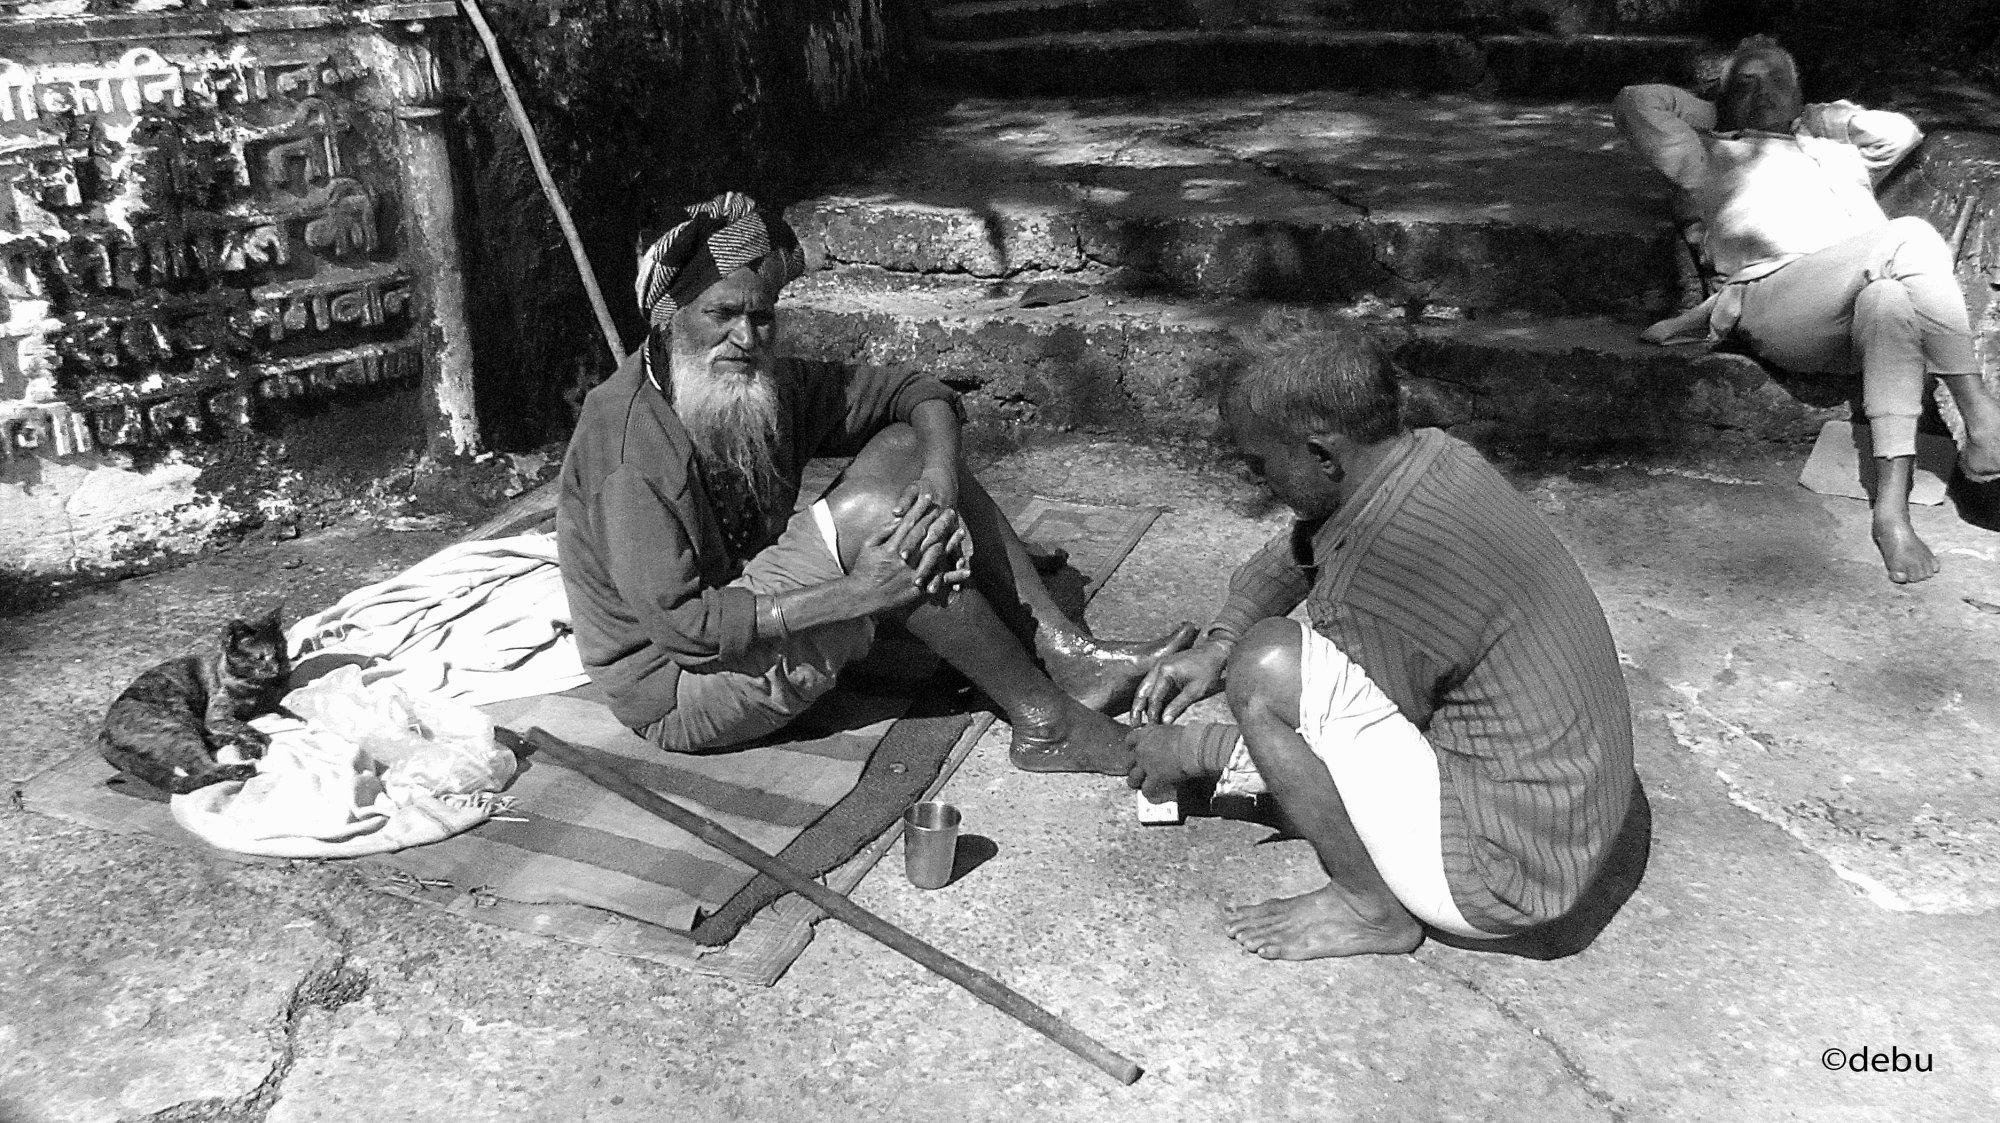 Village leg treatment